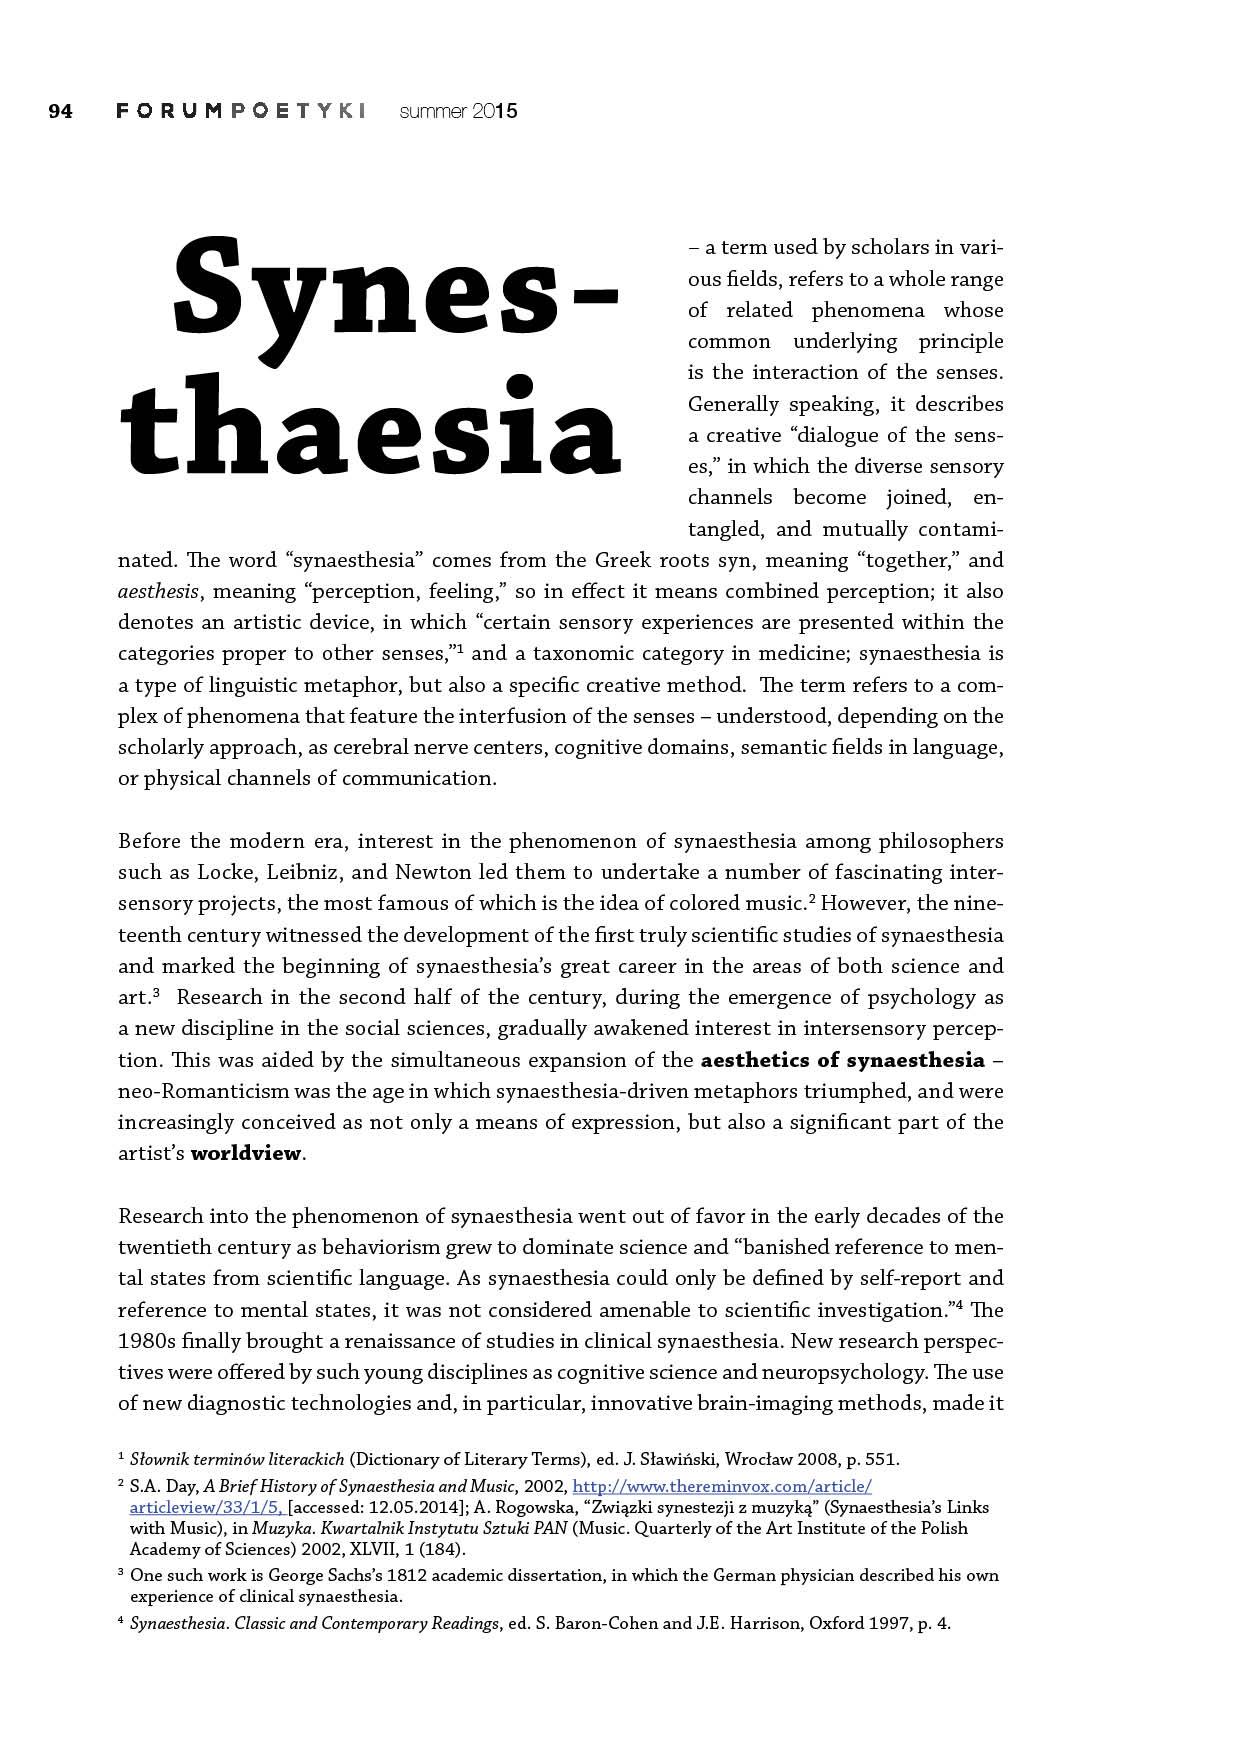 Syneasthesia